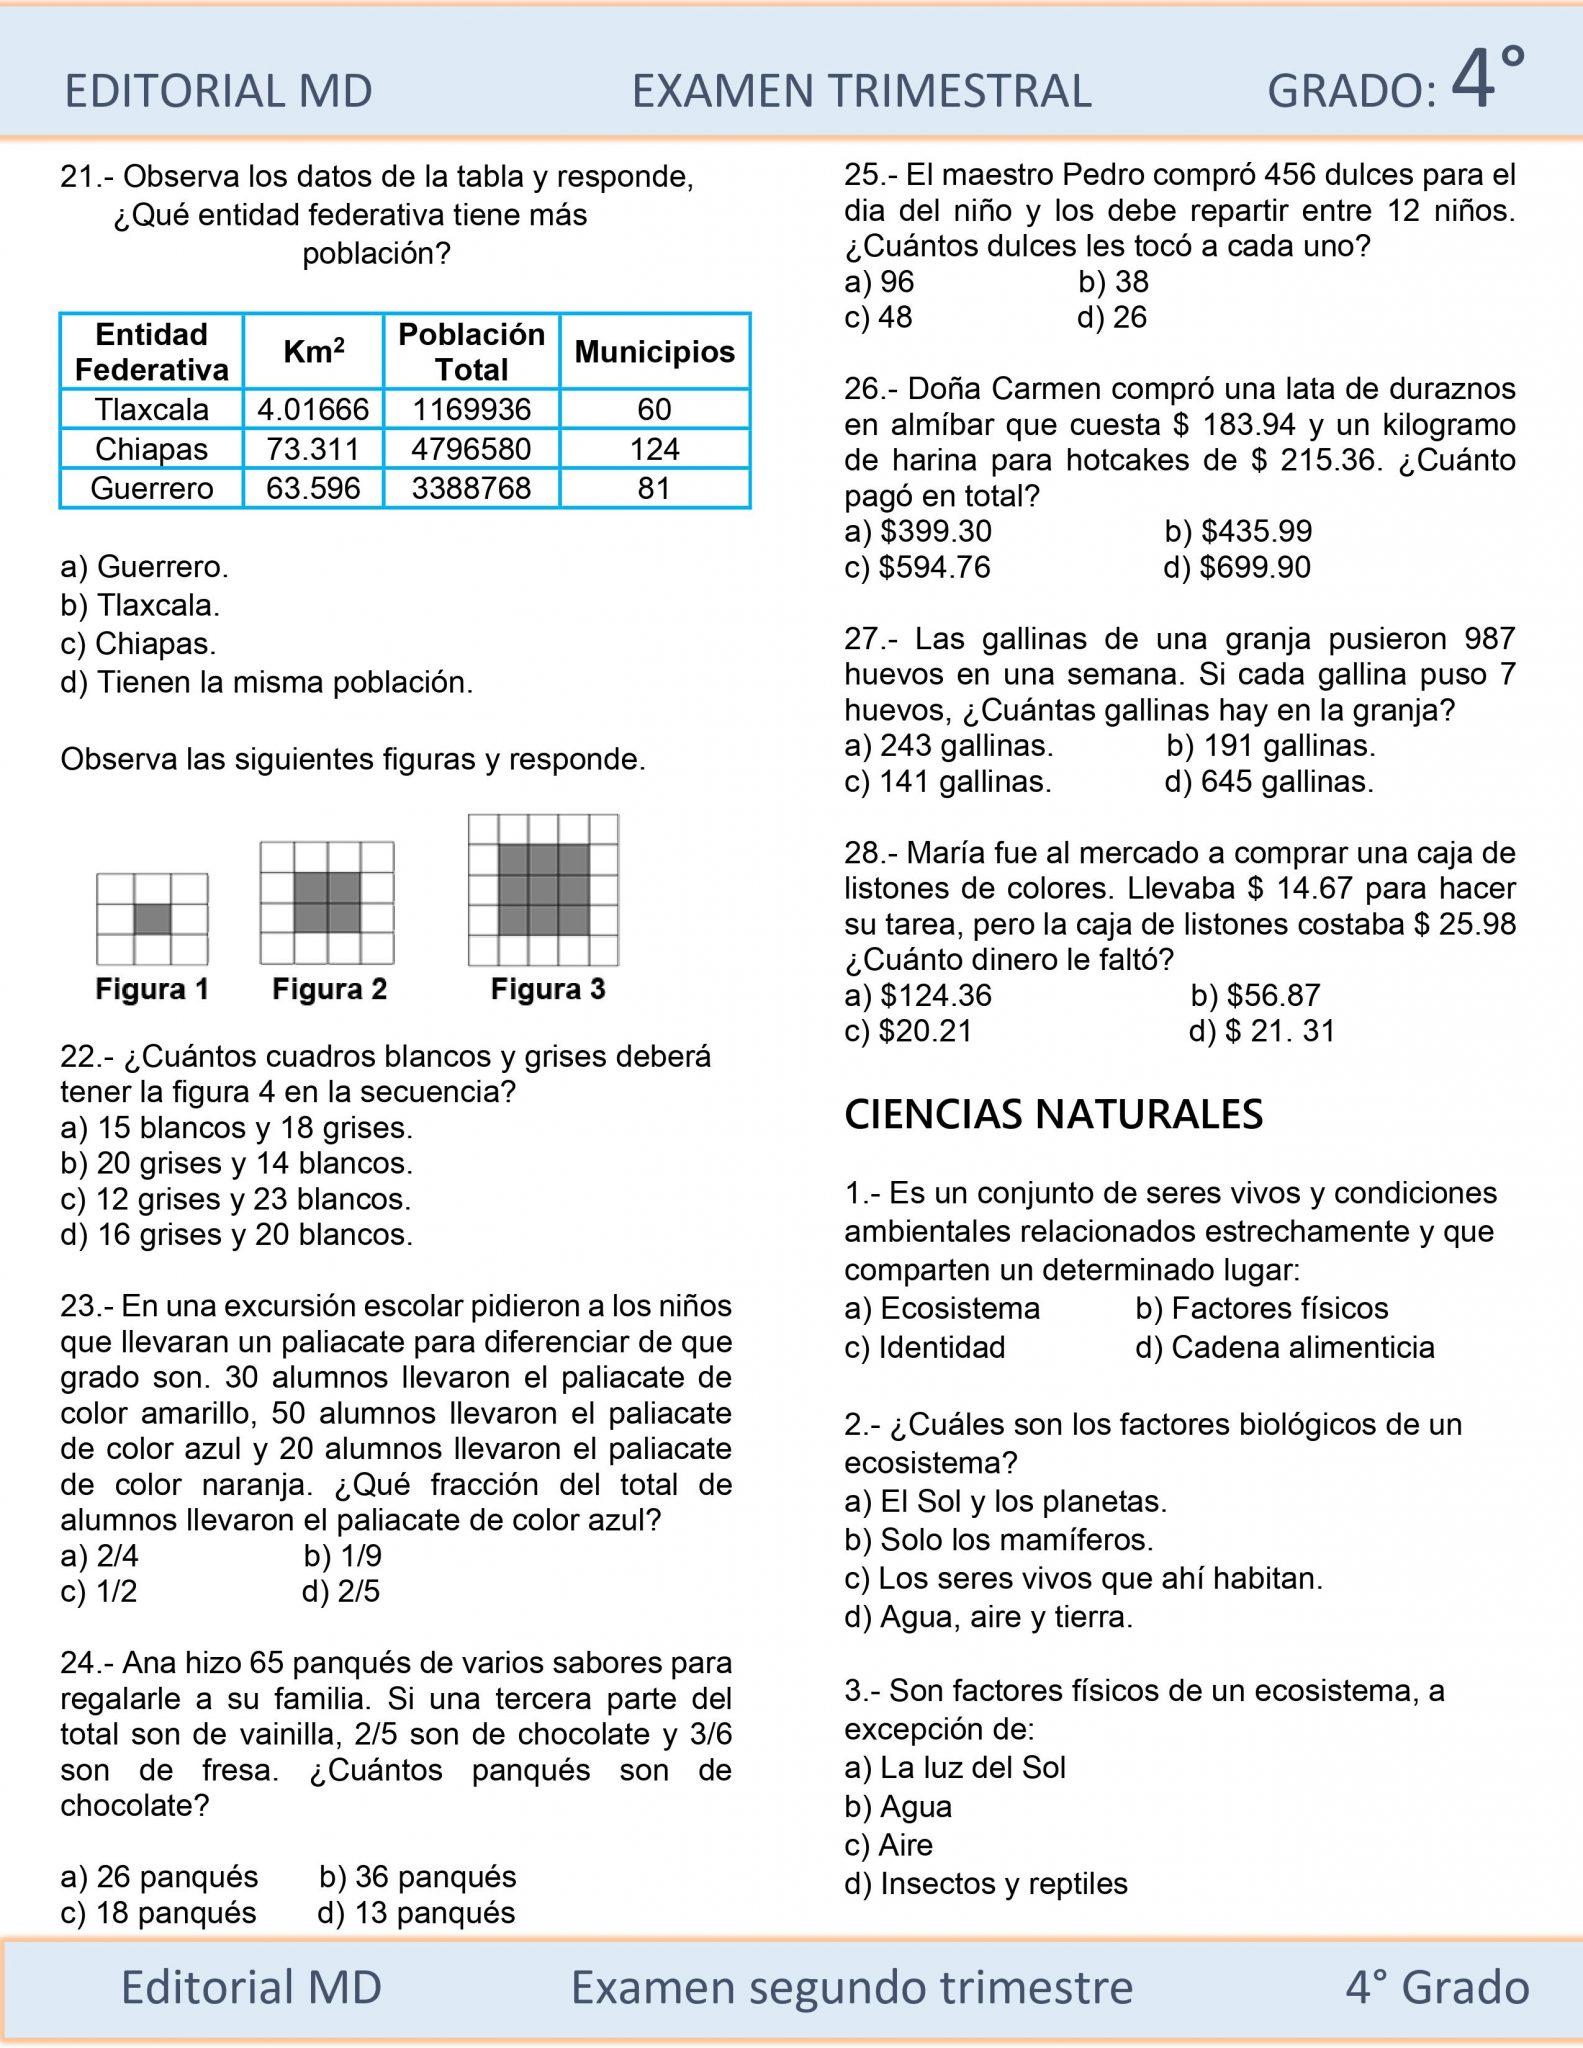 EJEMPLO EXAMEN DE PRIMARIA CUARTO GRADO 04